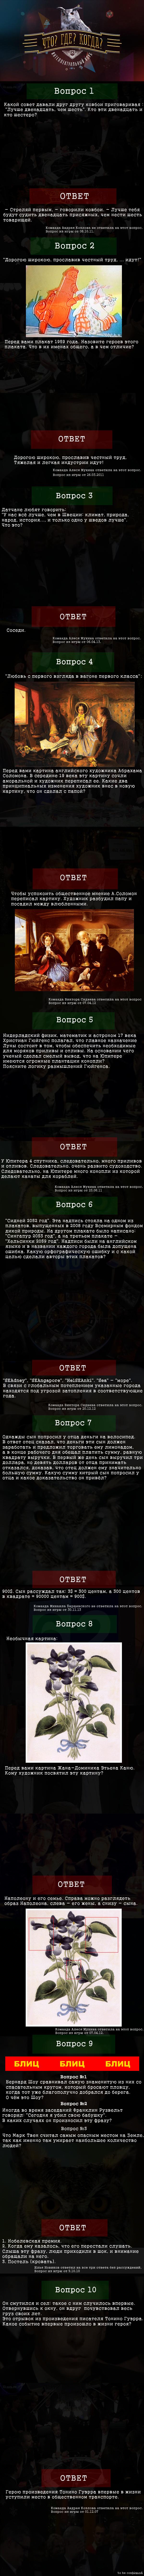 http://s4.pikabu.ru/post_img/2014/08/01/7/1406888411_1836957438.png